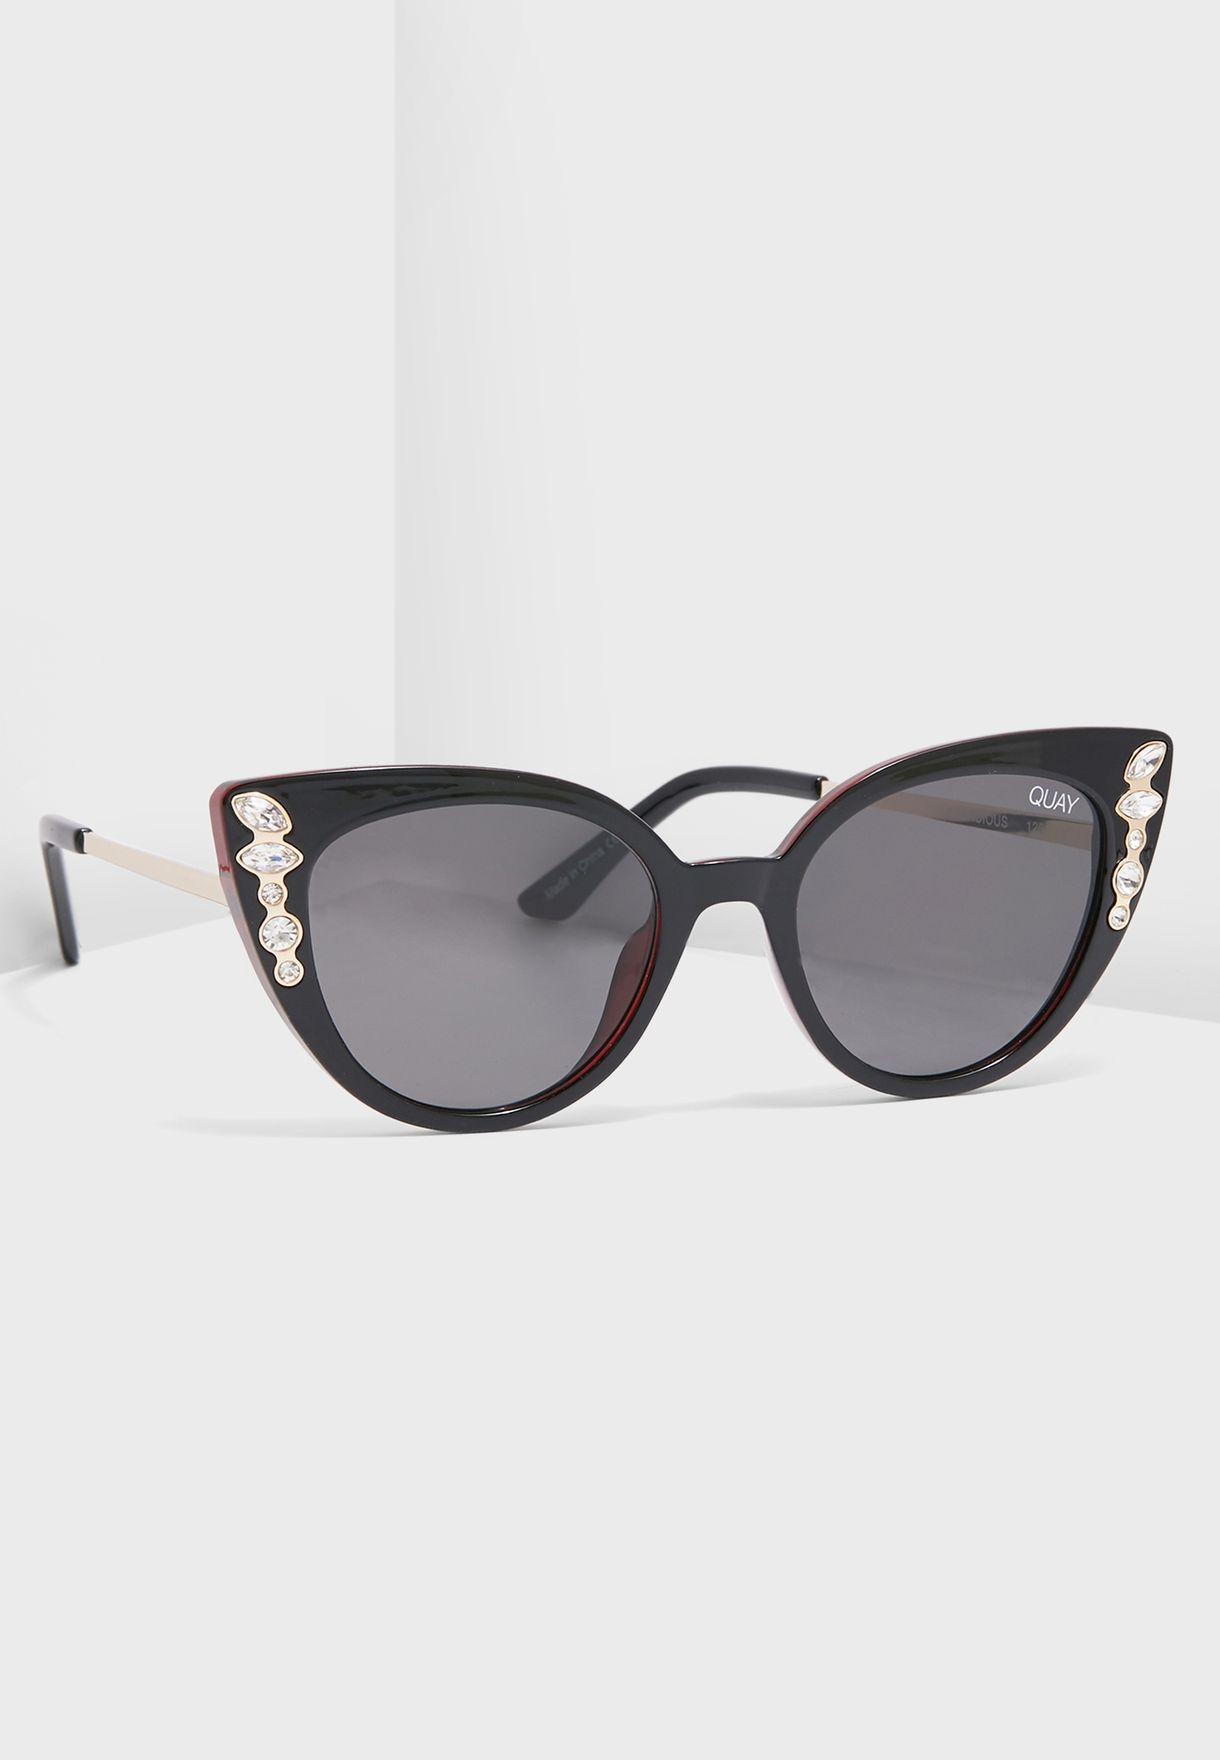 6375336f1918 Shop Quay Australia black Audacious Sunglasses QW-000536-BLK/SMK for ...